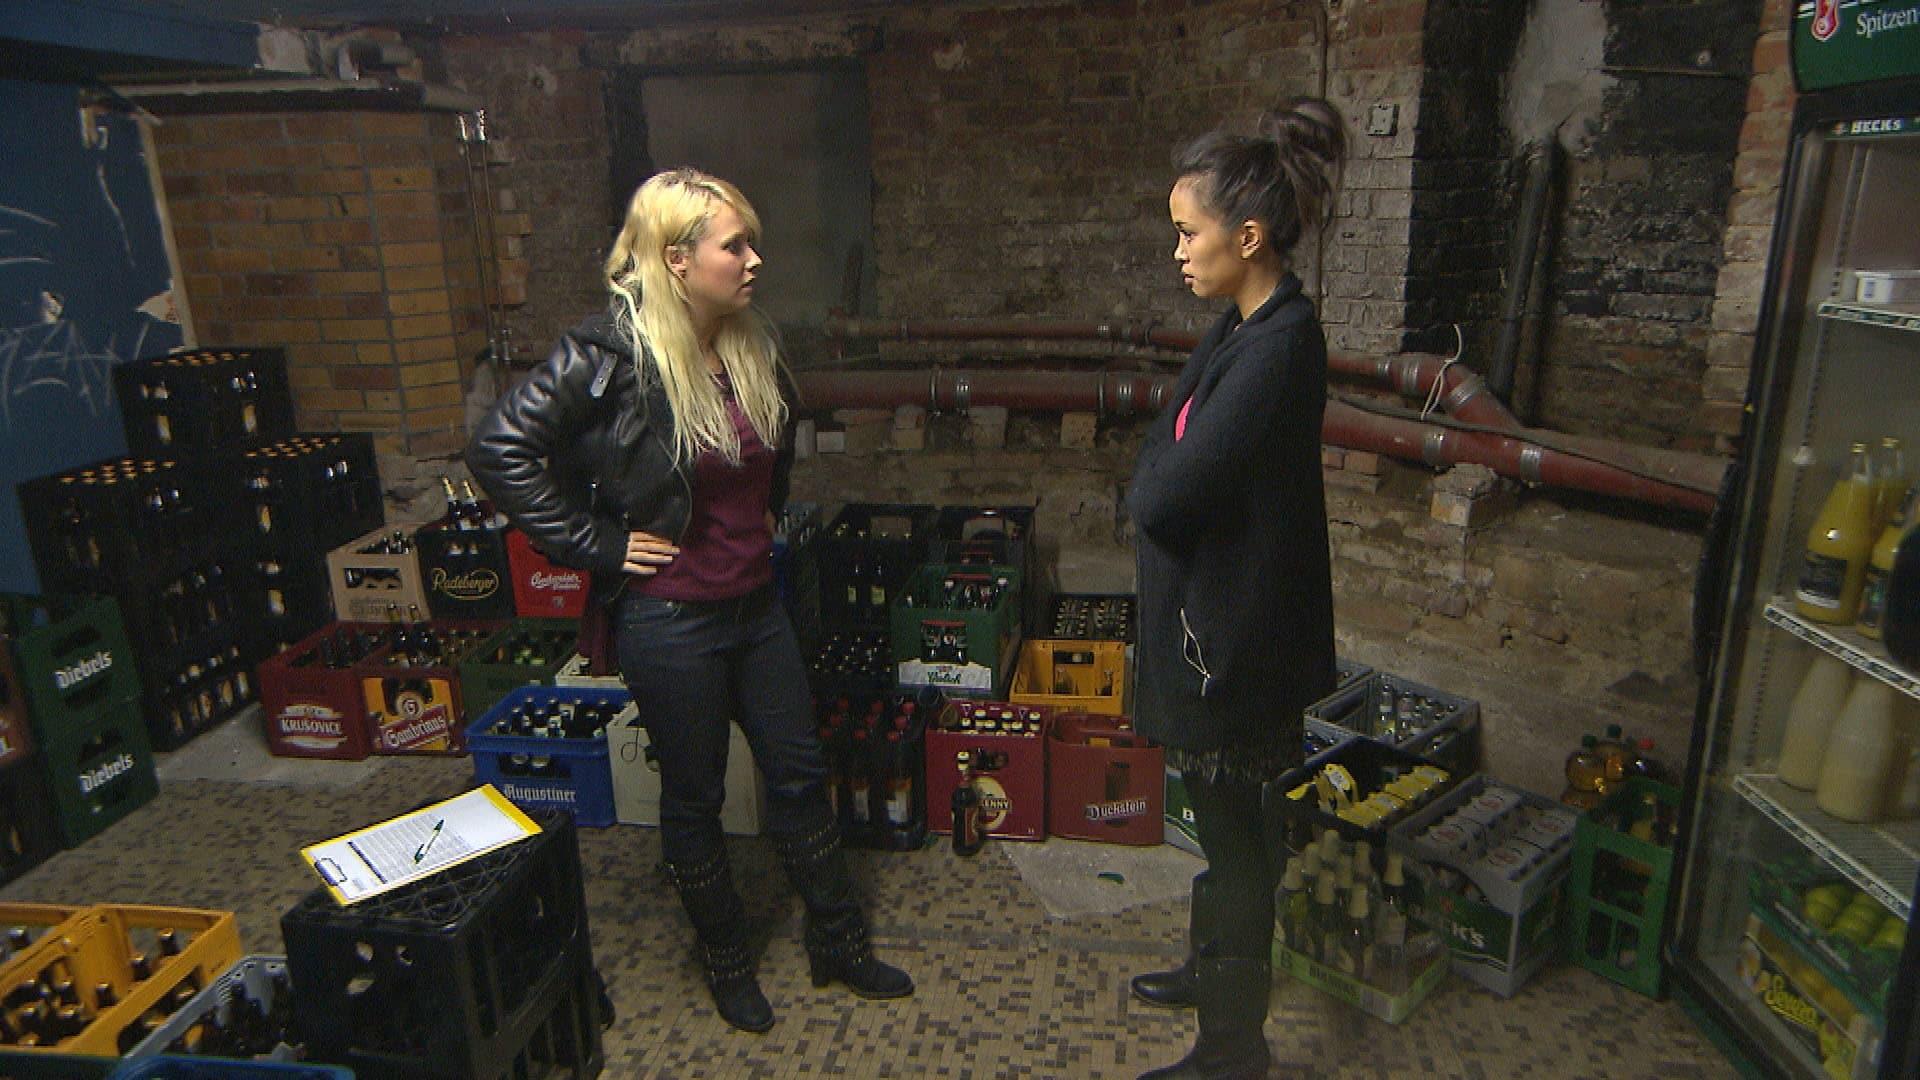 Berlin Tag und Nacht: Sandy und Sunny versöhnen sich? - TV News